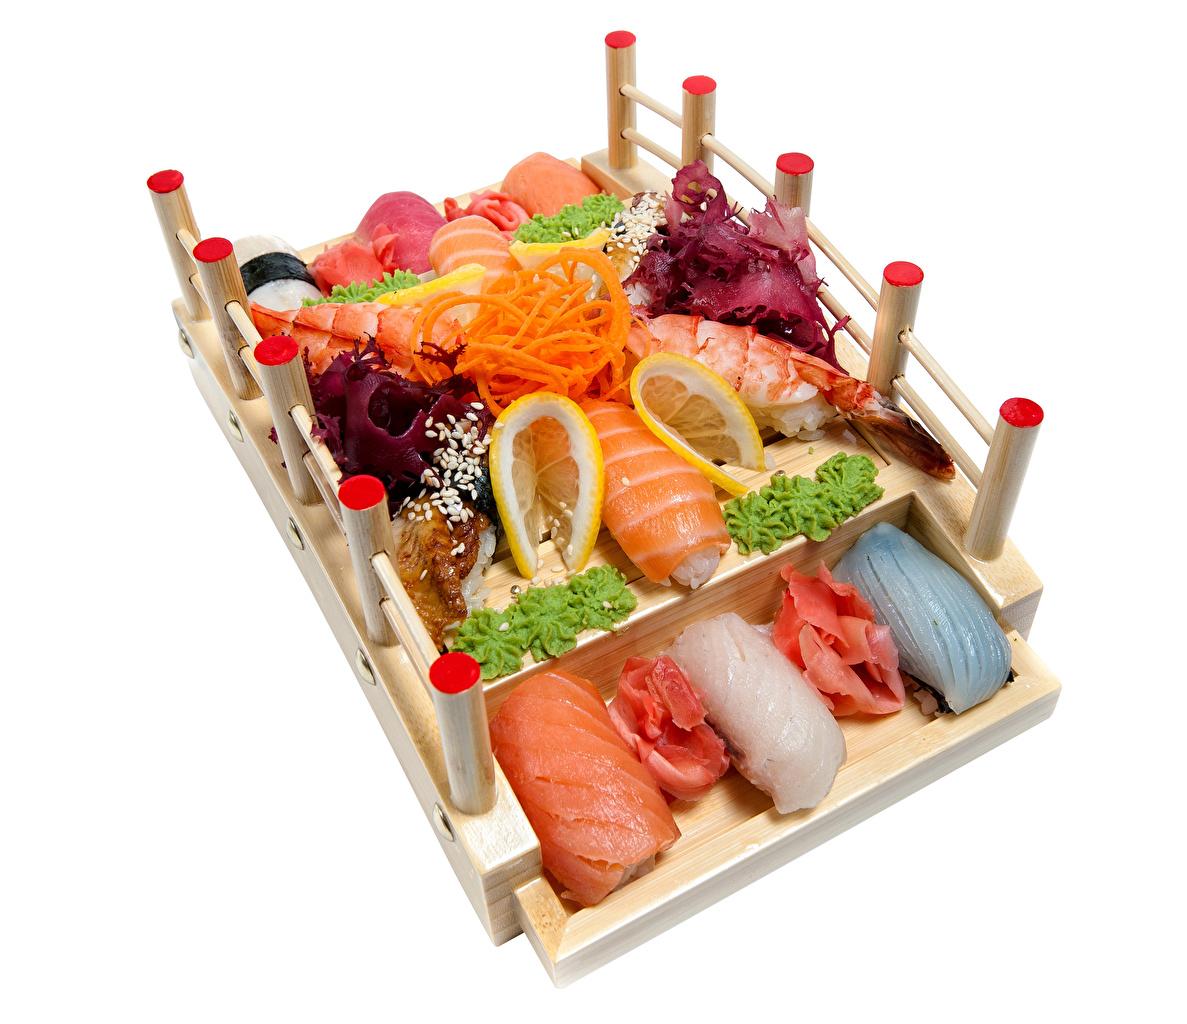 Fruto do mar Sushi Hortaliça Limão Fundo branco comida, limões Alimentos